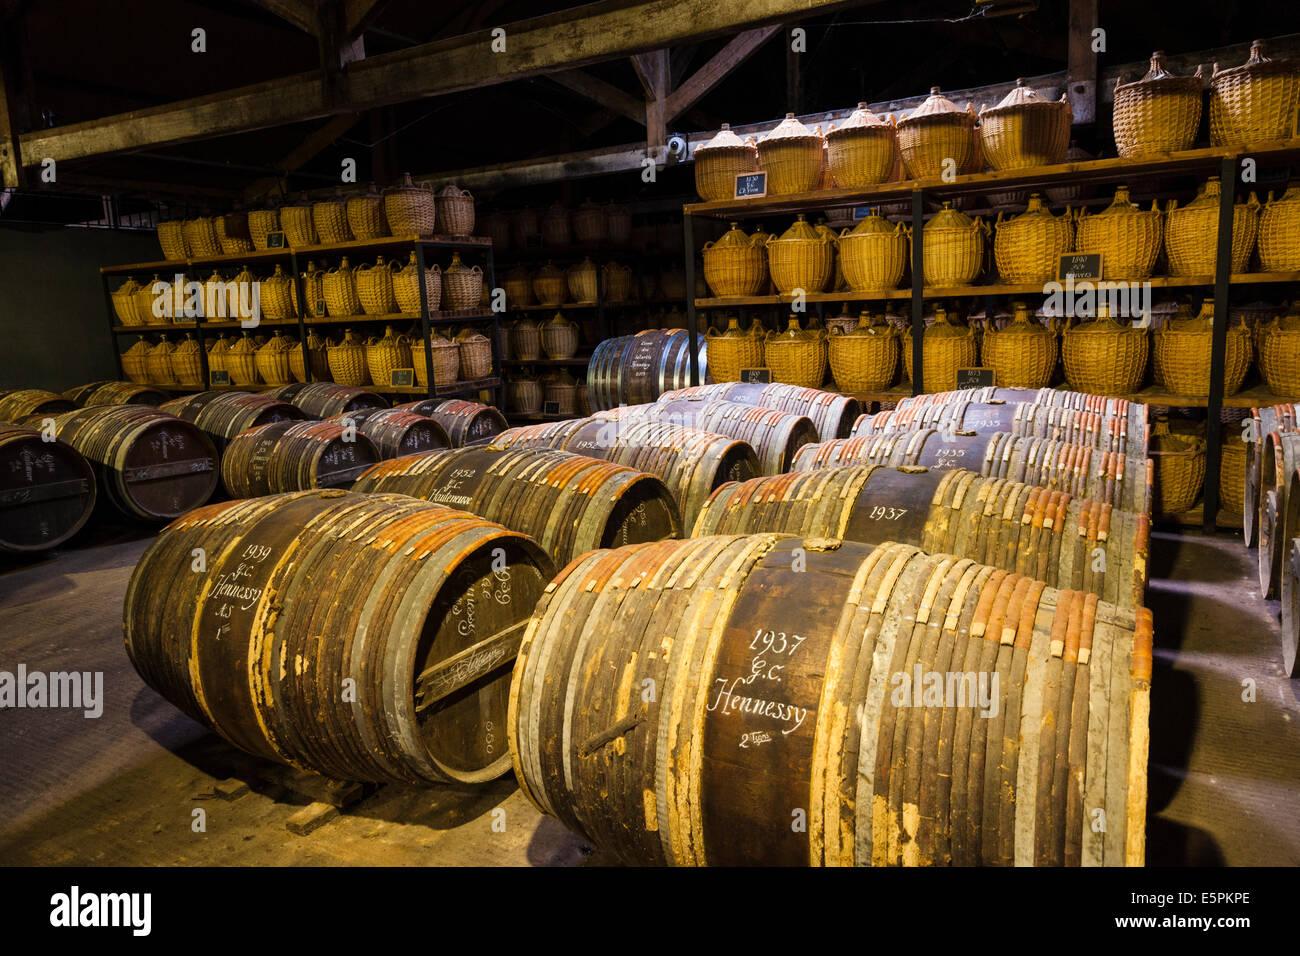 Hennessy Alterung Lager, wo die Eaux-de-vie in Eichenfässern reifen vor dem mischen. Stockbild